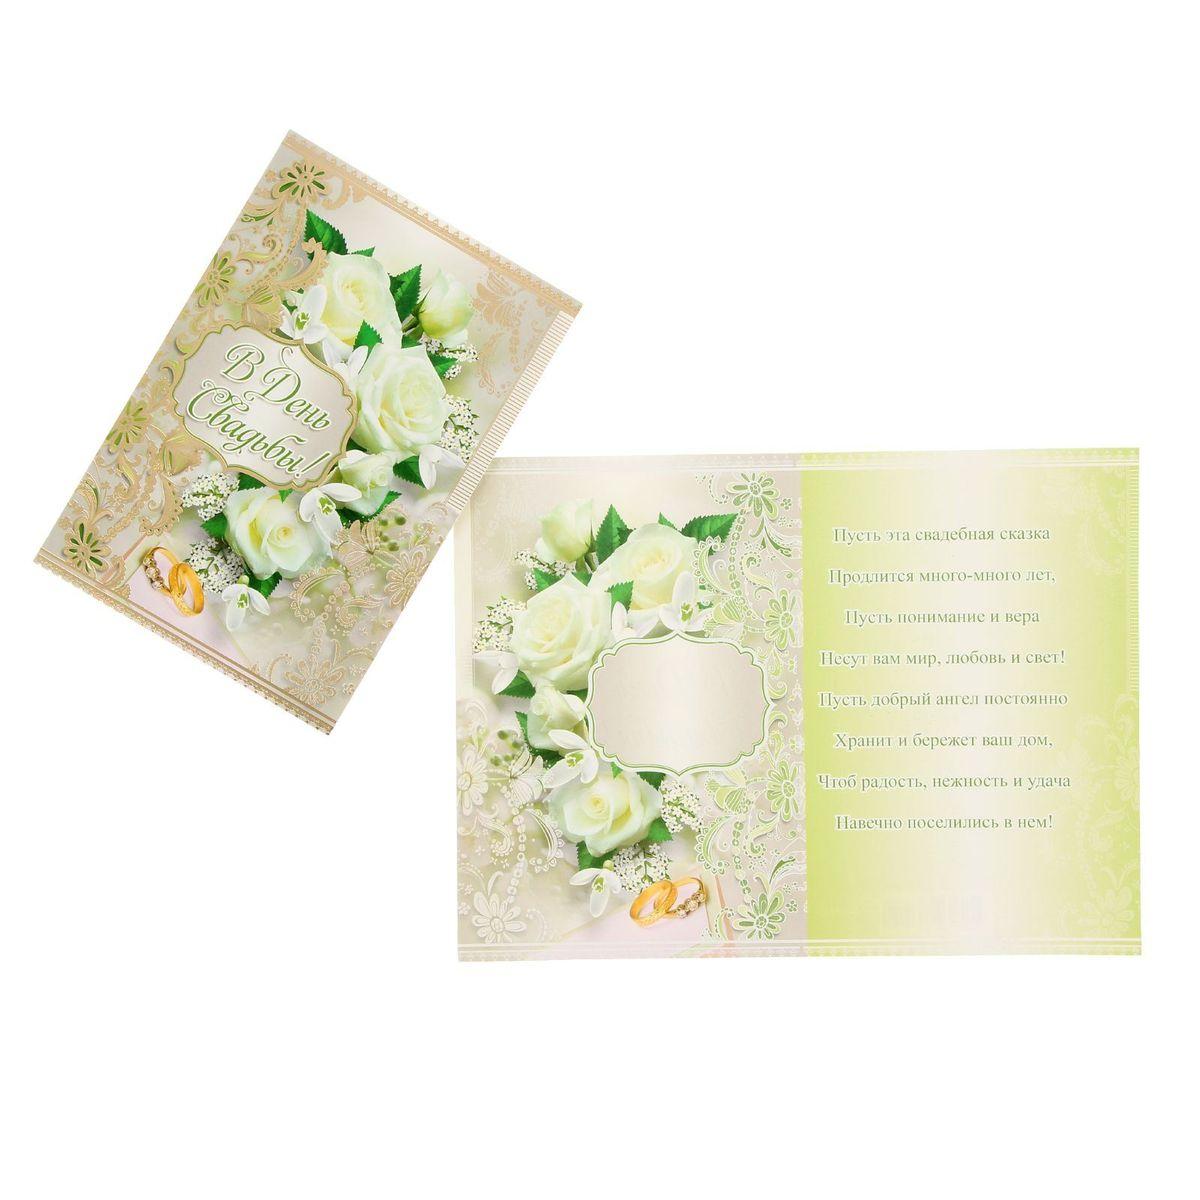 Открытка Sima-land В день свадьбы! Белые розы1194674Если вы хотите порадовать себя или близких, создать праздничное настроение и с улыбкой провести памятный день, то вы, несомненно, сделали правильный выбор! Открытка Sima-land В день свадьбы! Белые розы, выполненная из плотной бумаги, отличается не только оригинальным дизайном, но и высоким качеством.Лицевая сторона изделия оформлена ярким изображением. Внутри открытка содержит текст с поздравлением.Такая открытка непременно порадует получателя и станет отличным напоминанием о проведенном вместе времени.